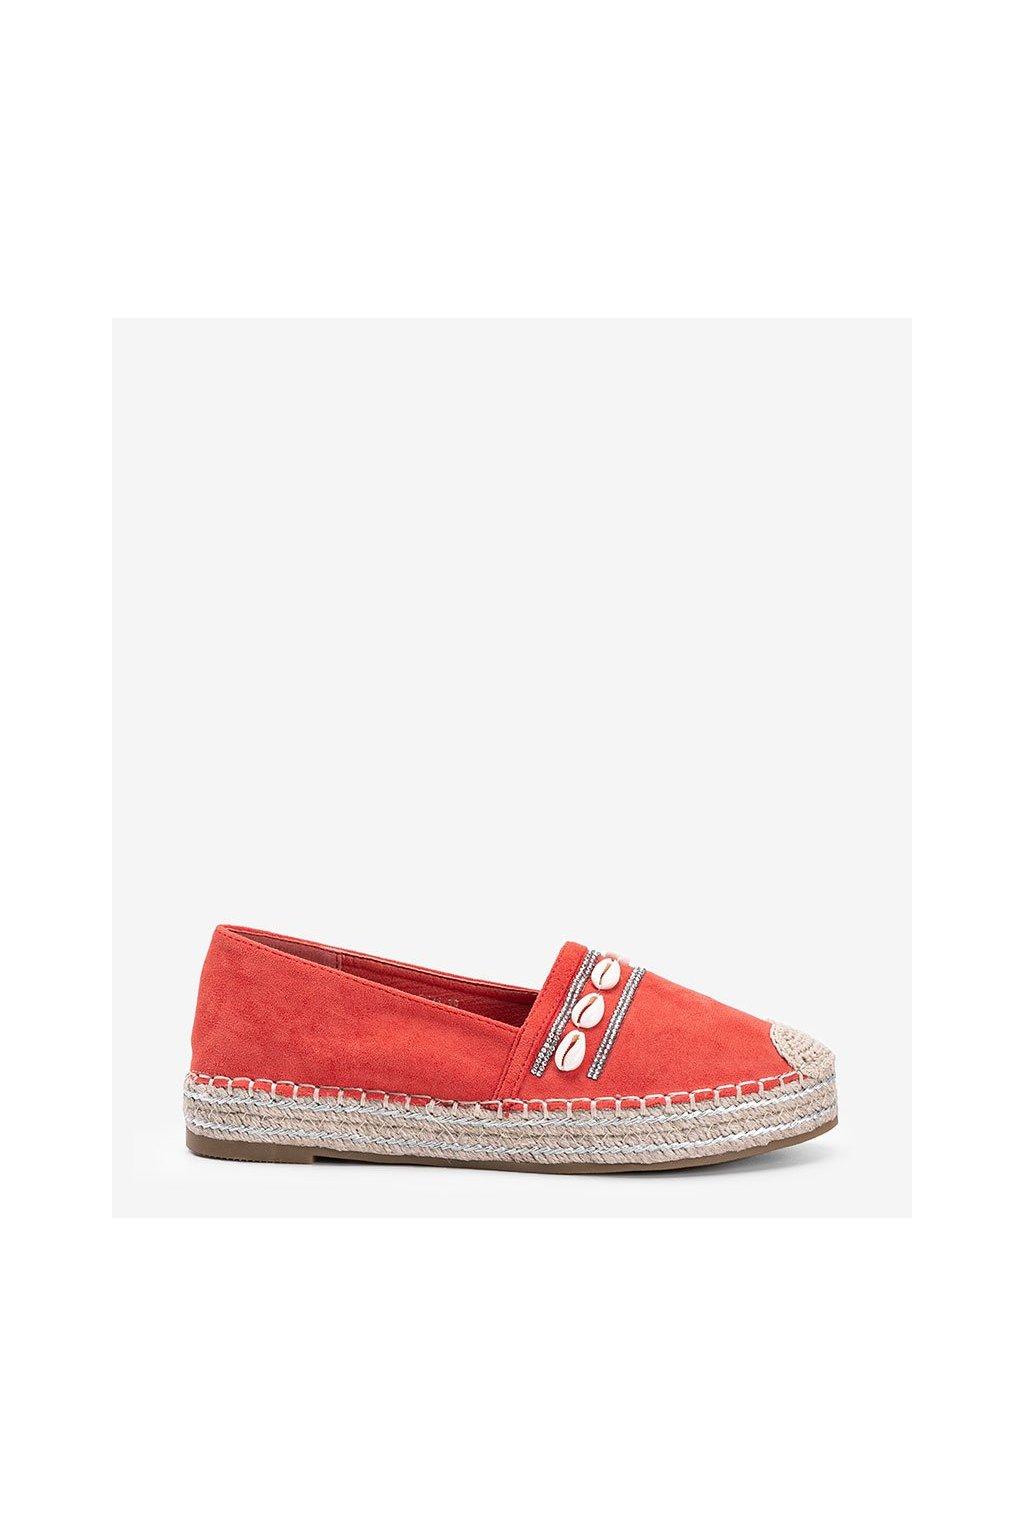 Dámske topánky espadrilky oranžové kód 6771 - GM